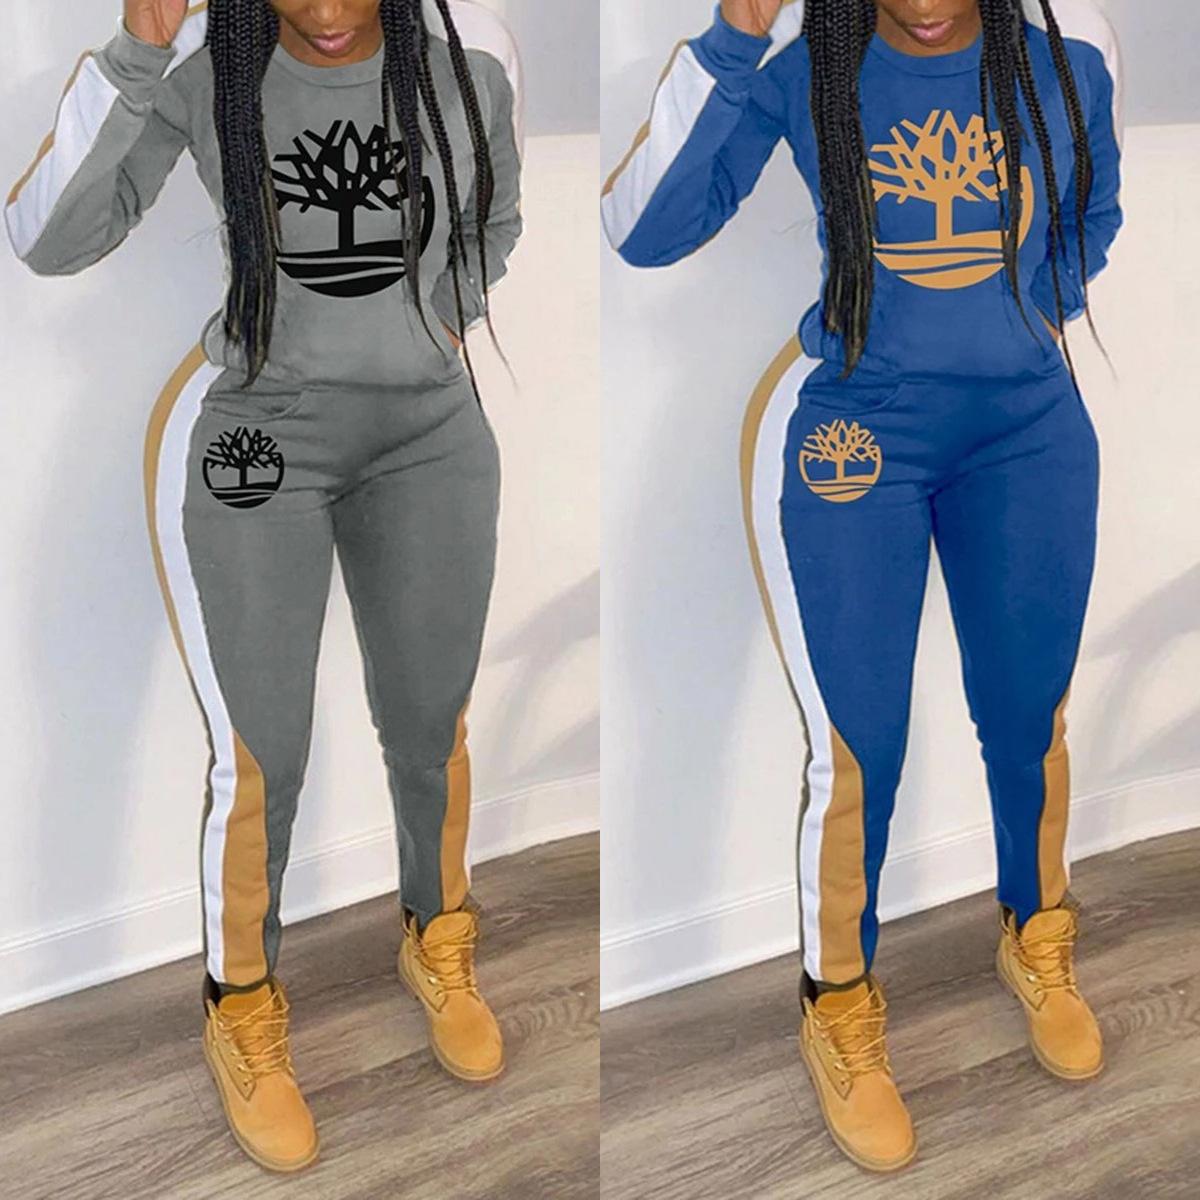 2020 أزياء الربيع الأوروبية والأمريكية الجديدة ملابس نسائية متعددة الألوان الطباعة الرياضية الترفيهية قطعتين مجموعة الأمازون انفجار!